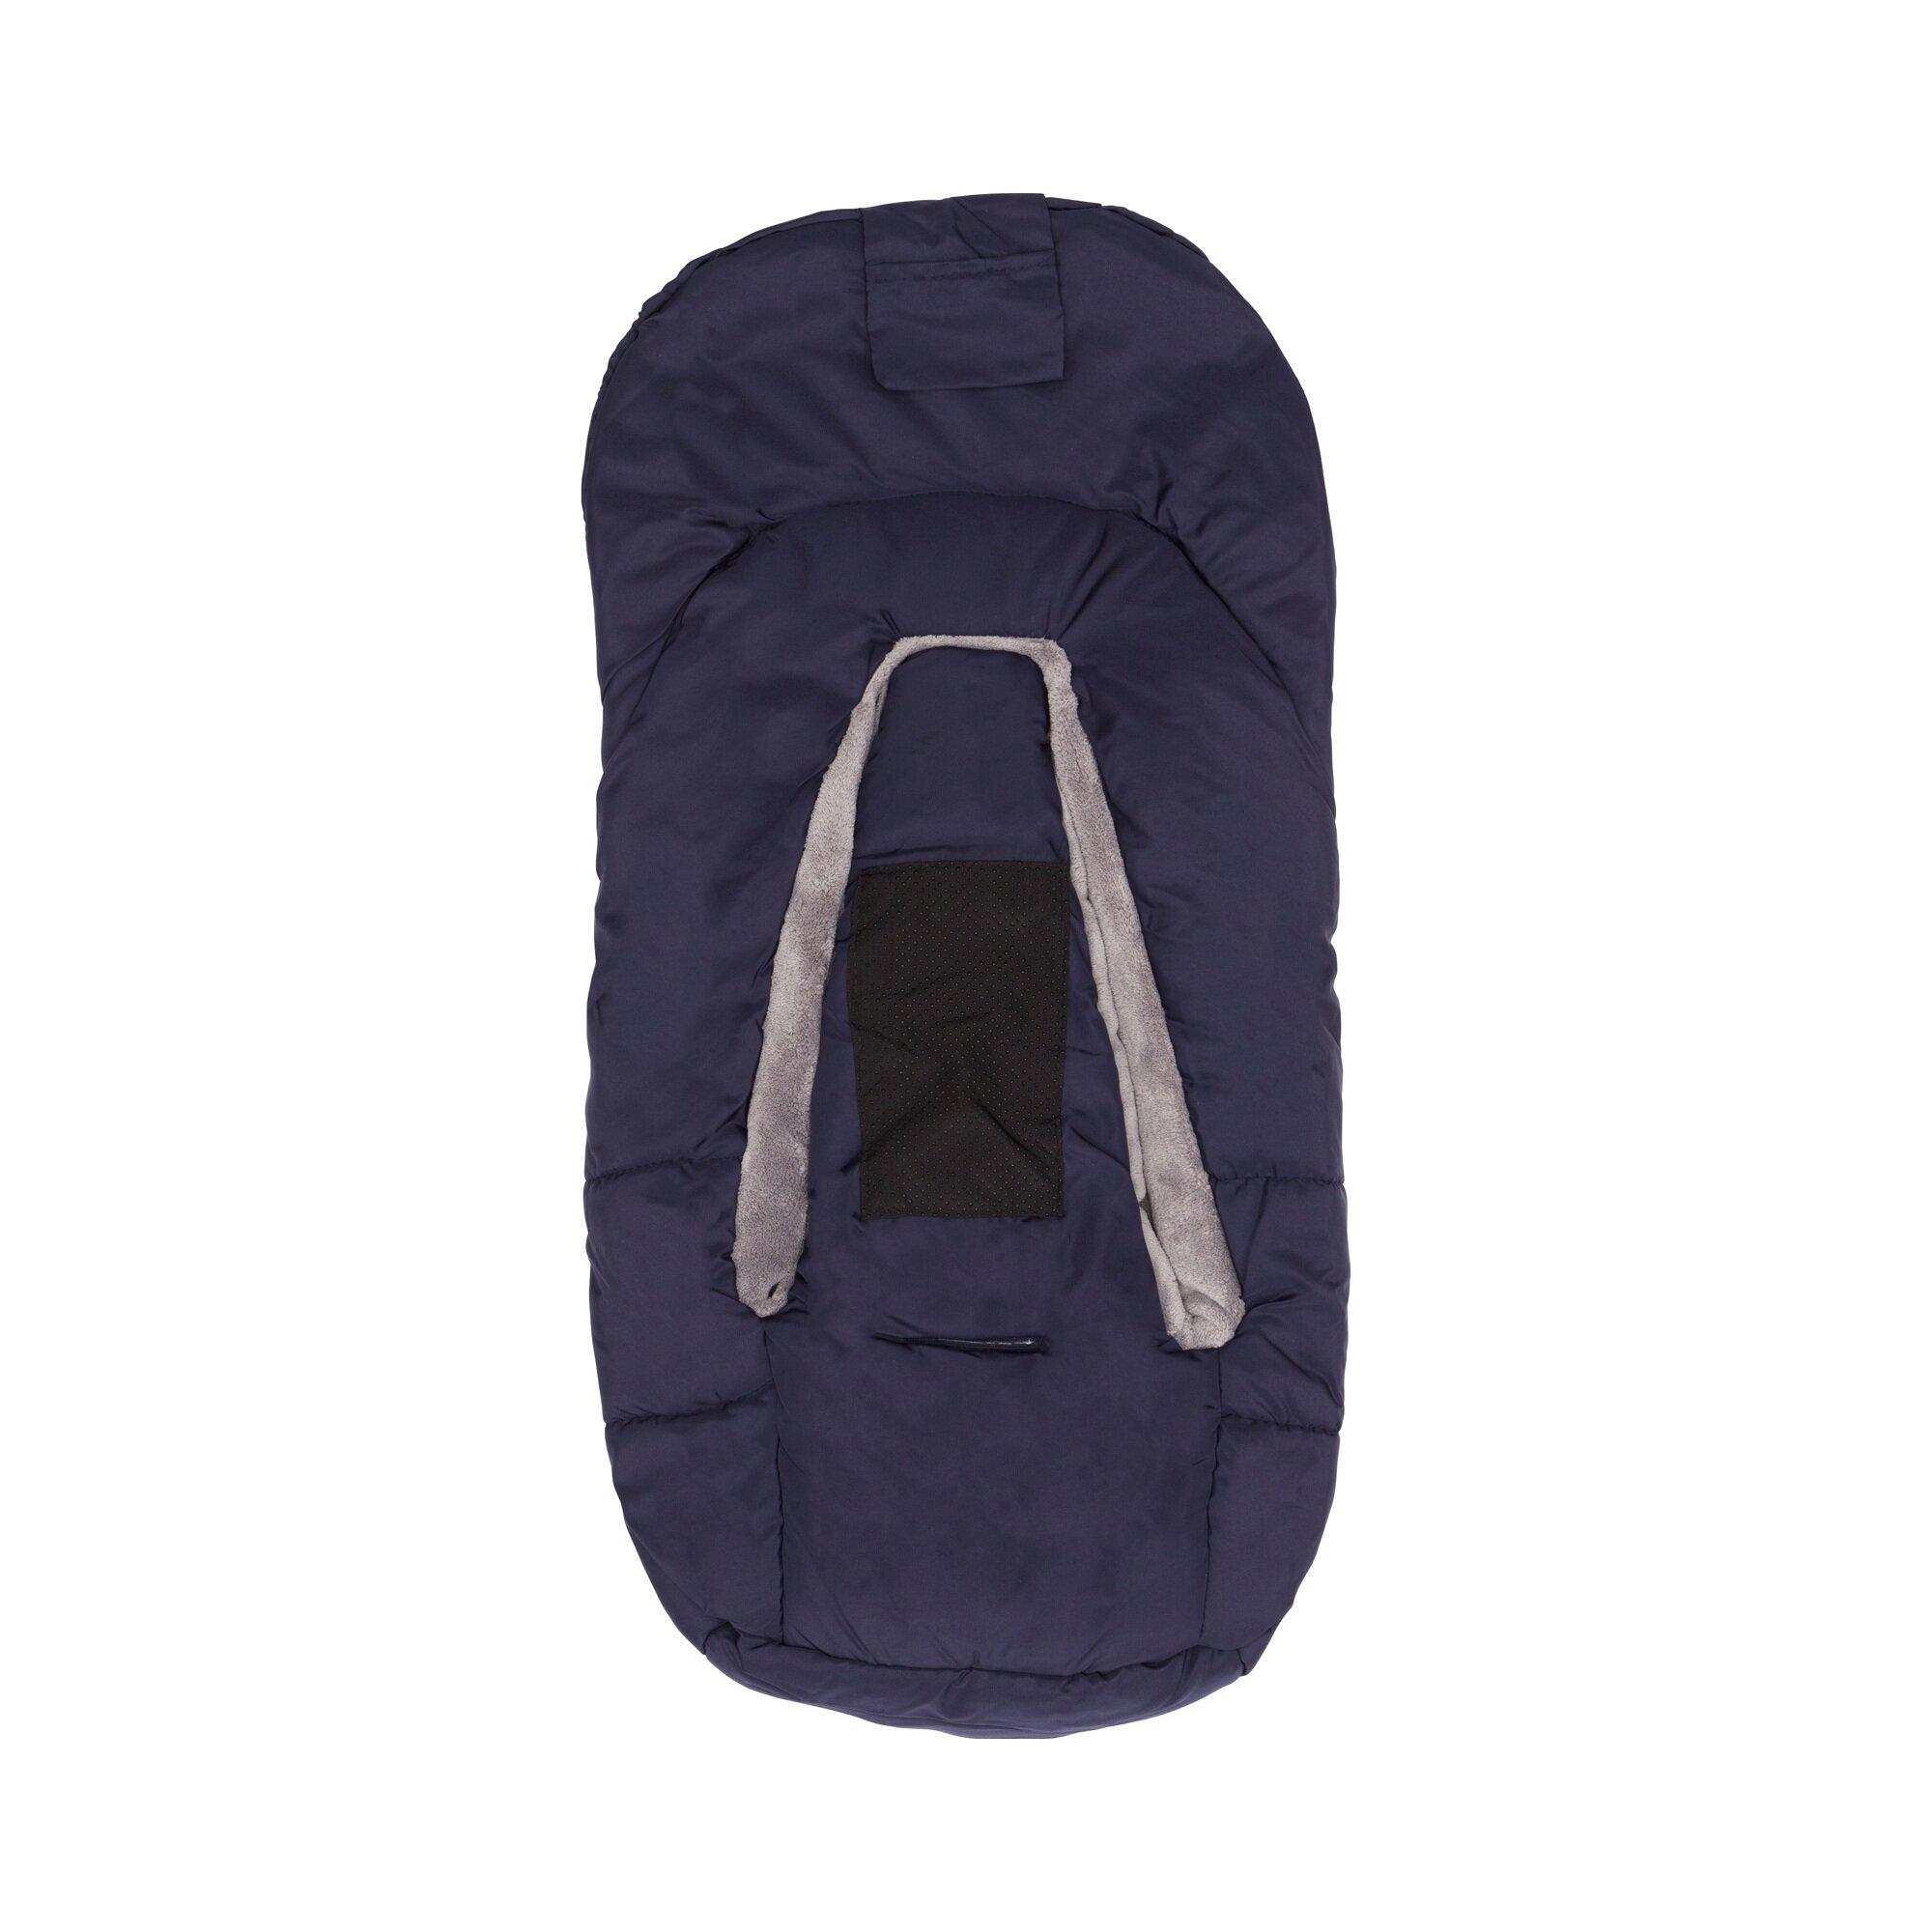 babycab-winter-fu-sack-eiger-fur-babyschale-tragewanne-blau